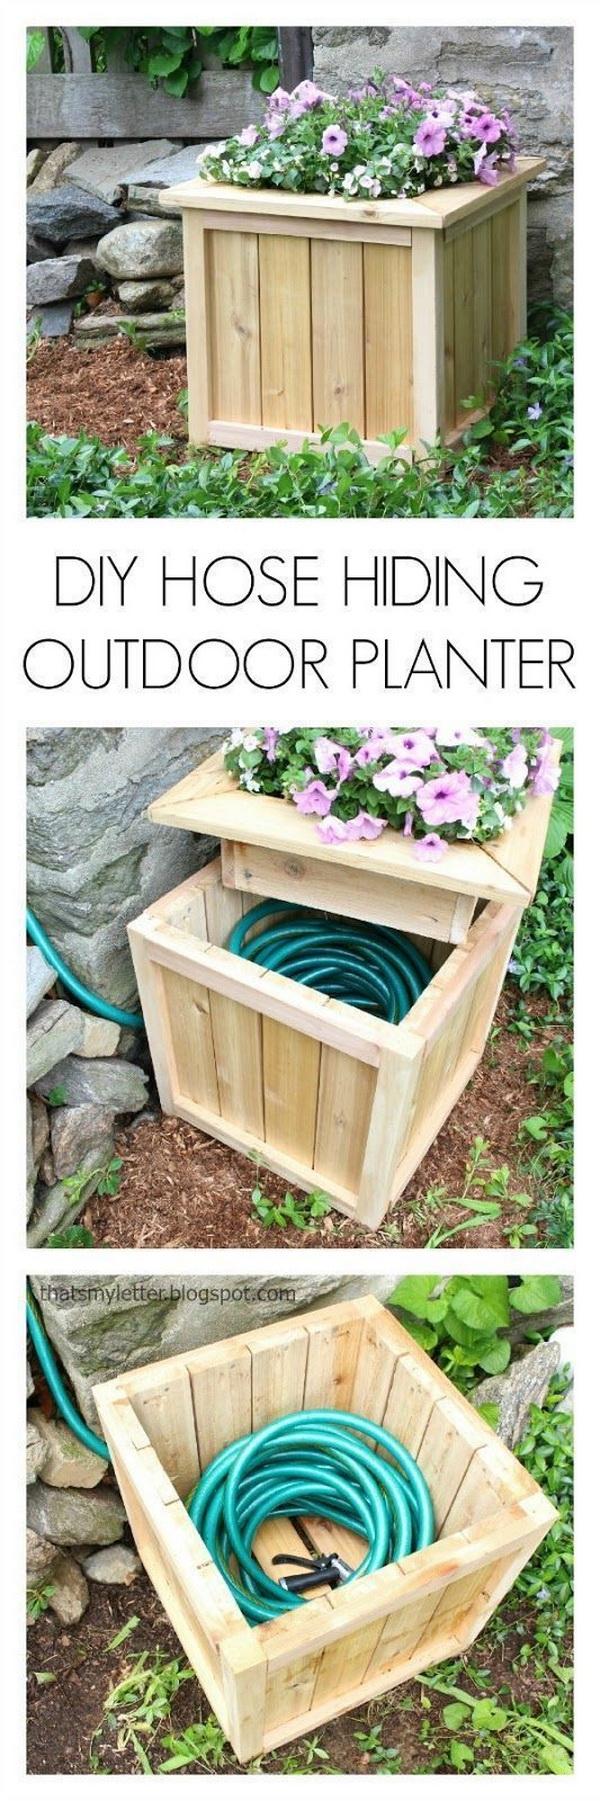 Hide Your Hose in a DIY Planter